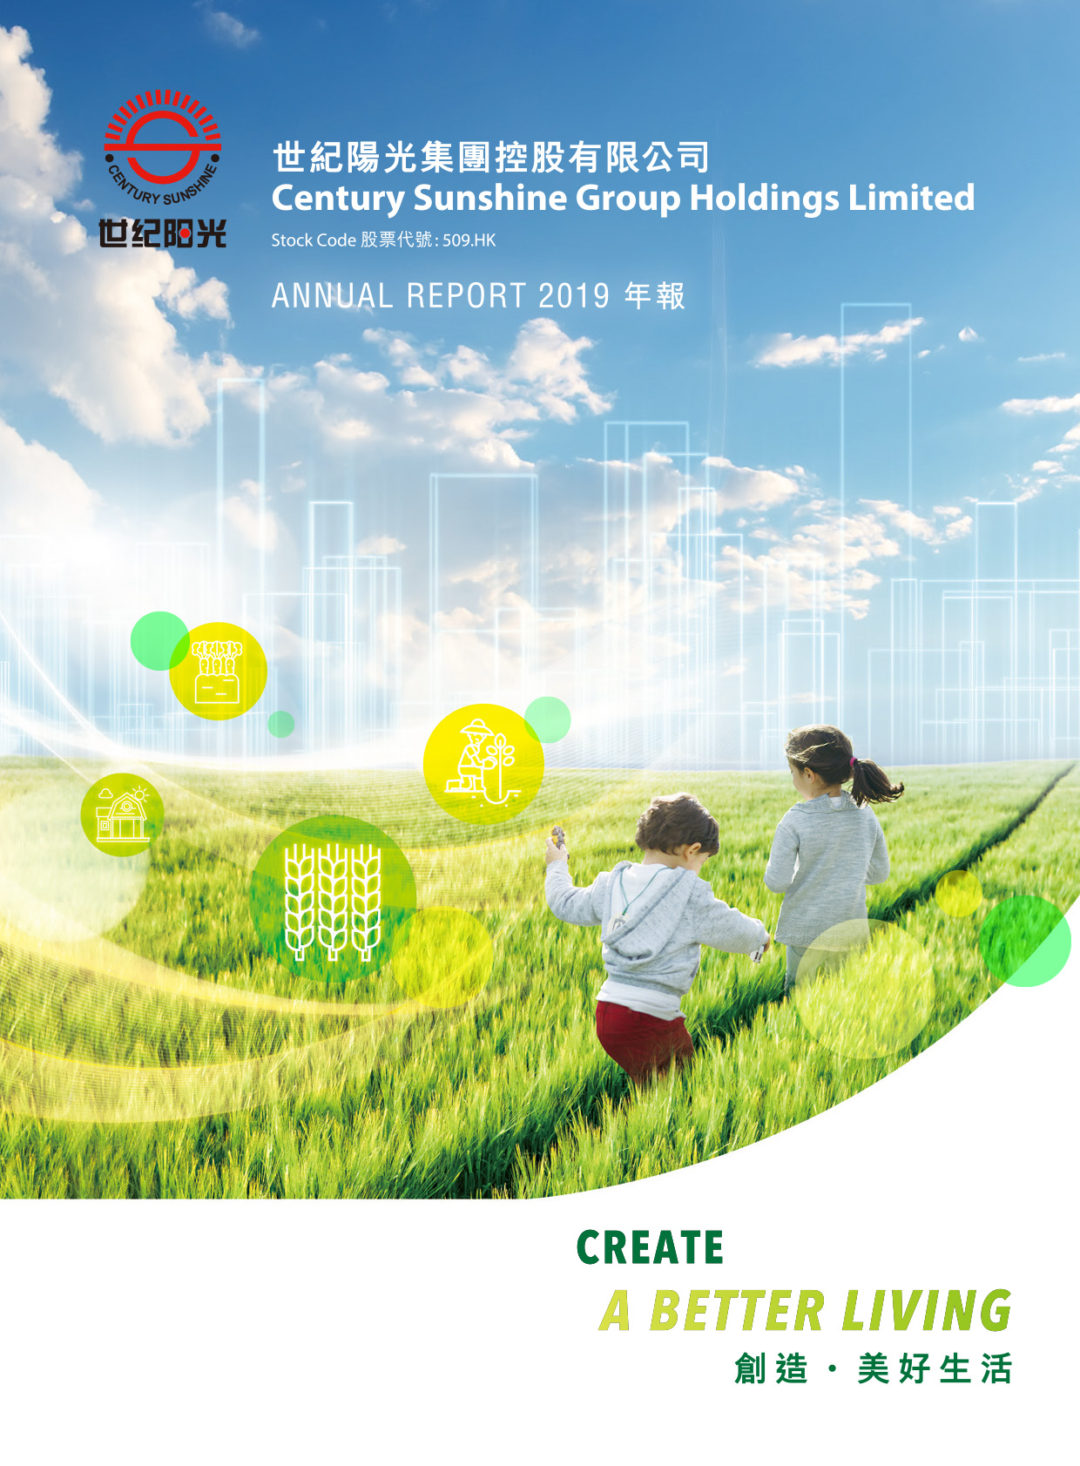 Century Sunshine Group Holdings Limited